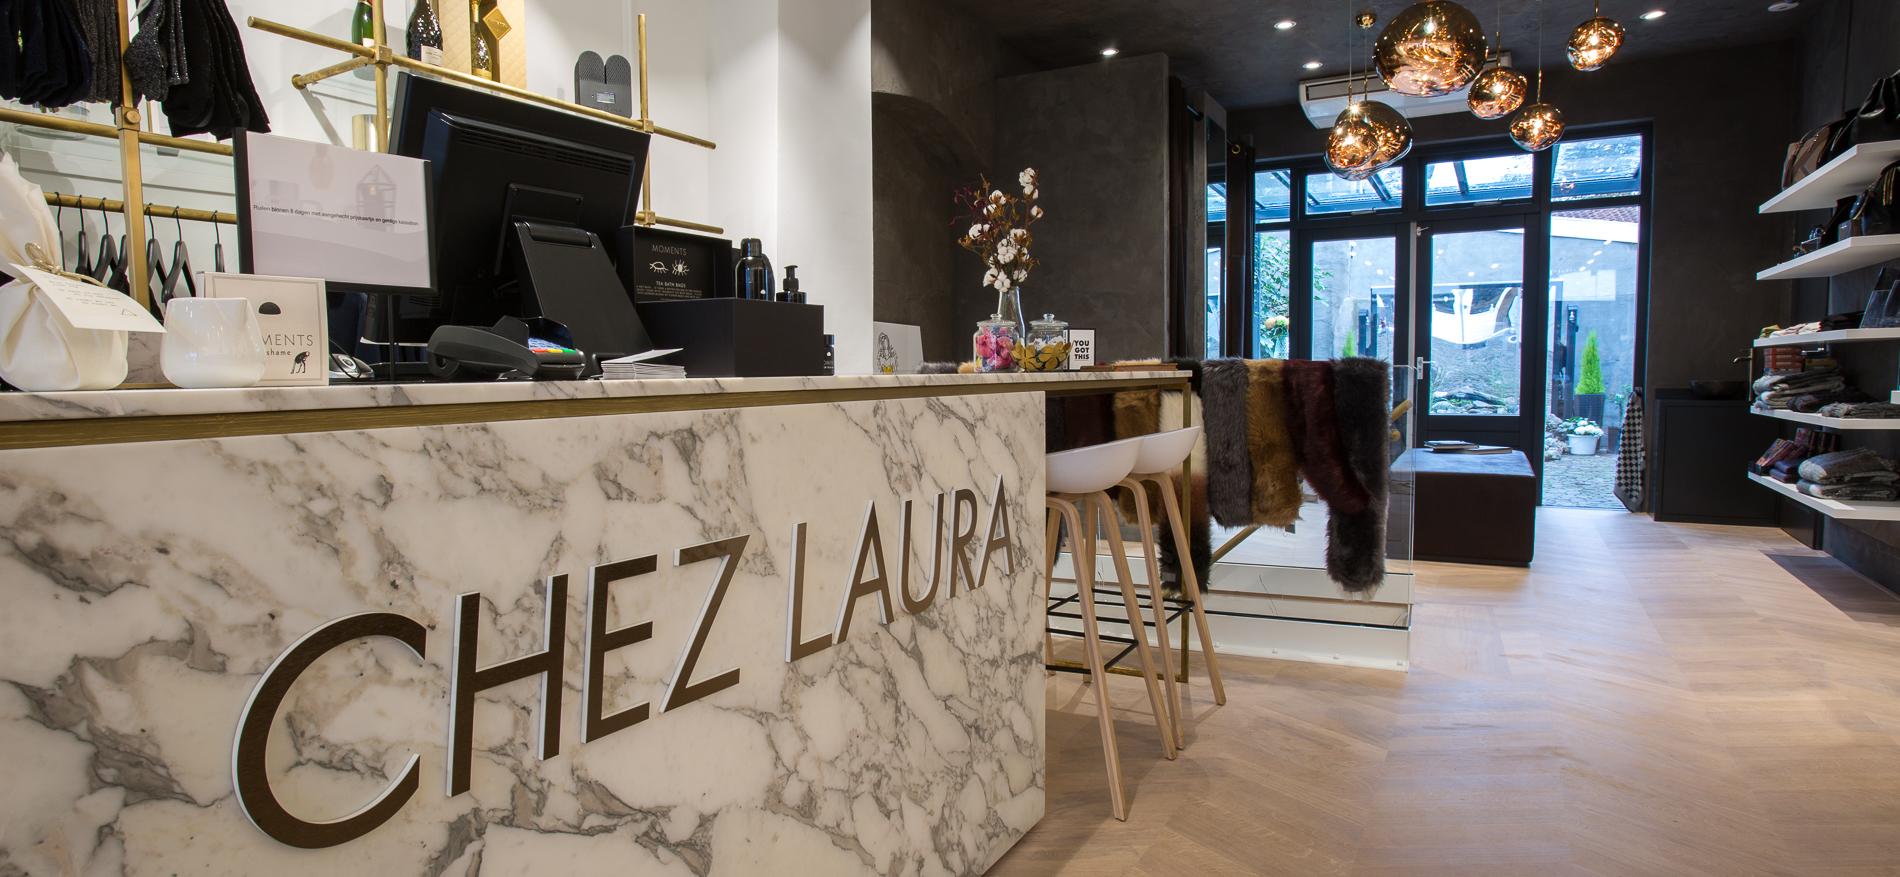 7286e5f5538 Chez Laura in Harderwijk: Prachtig retail design van WSB